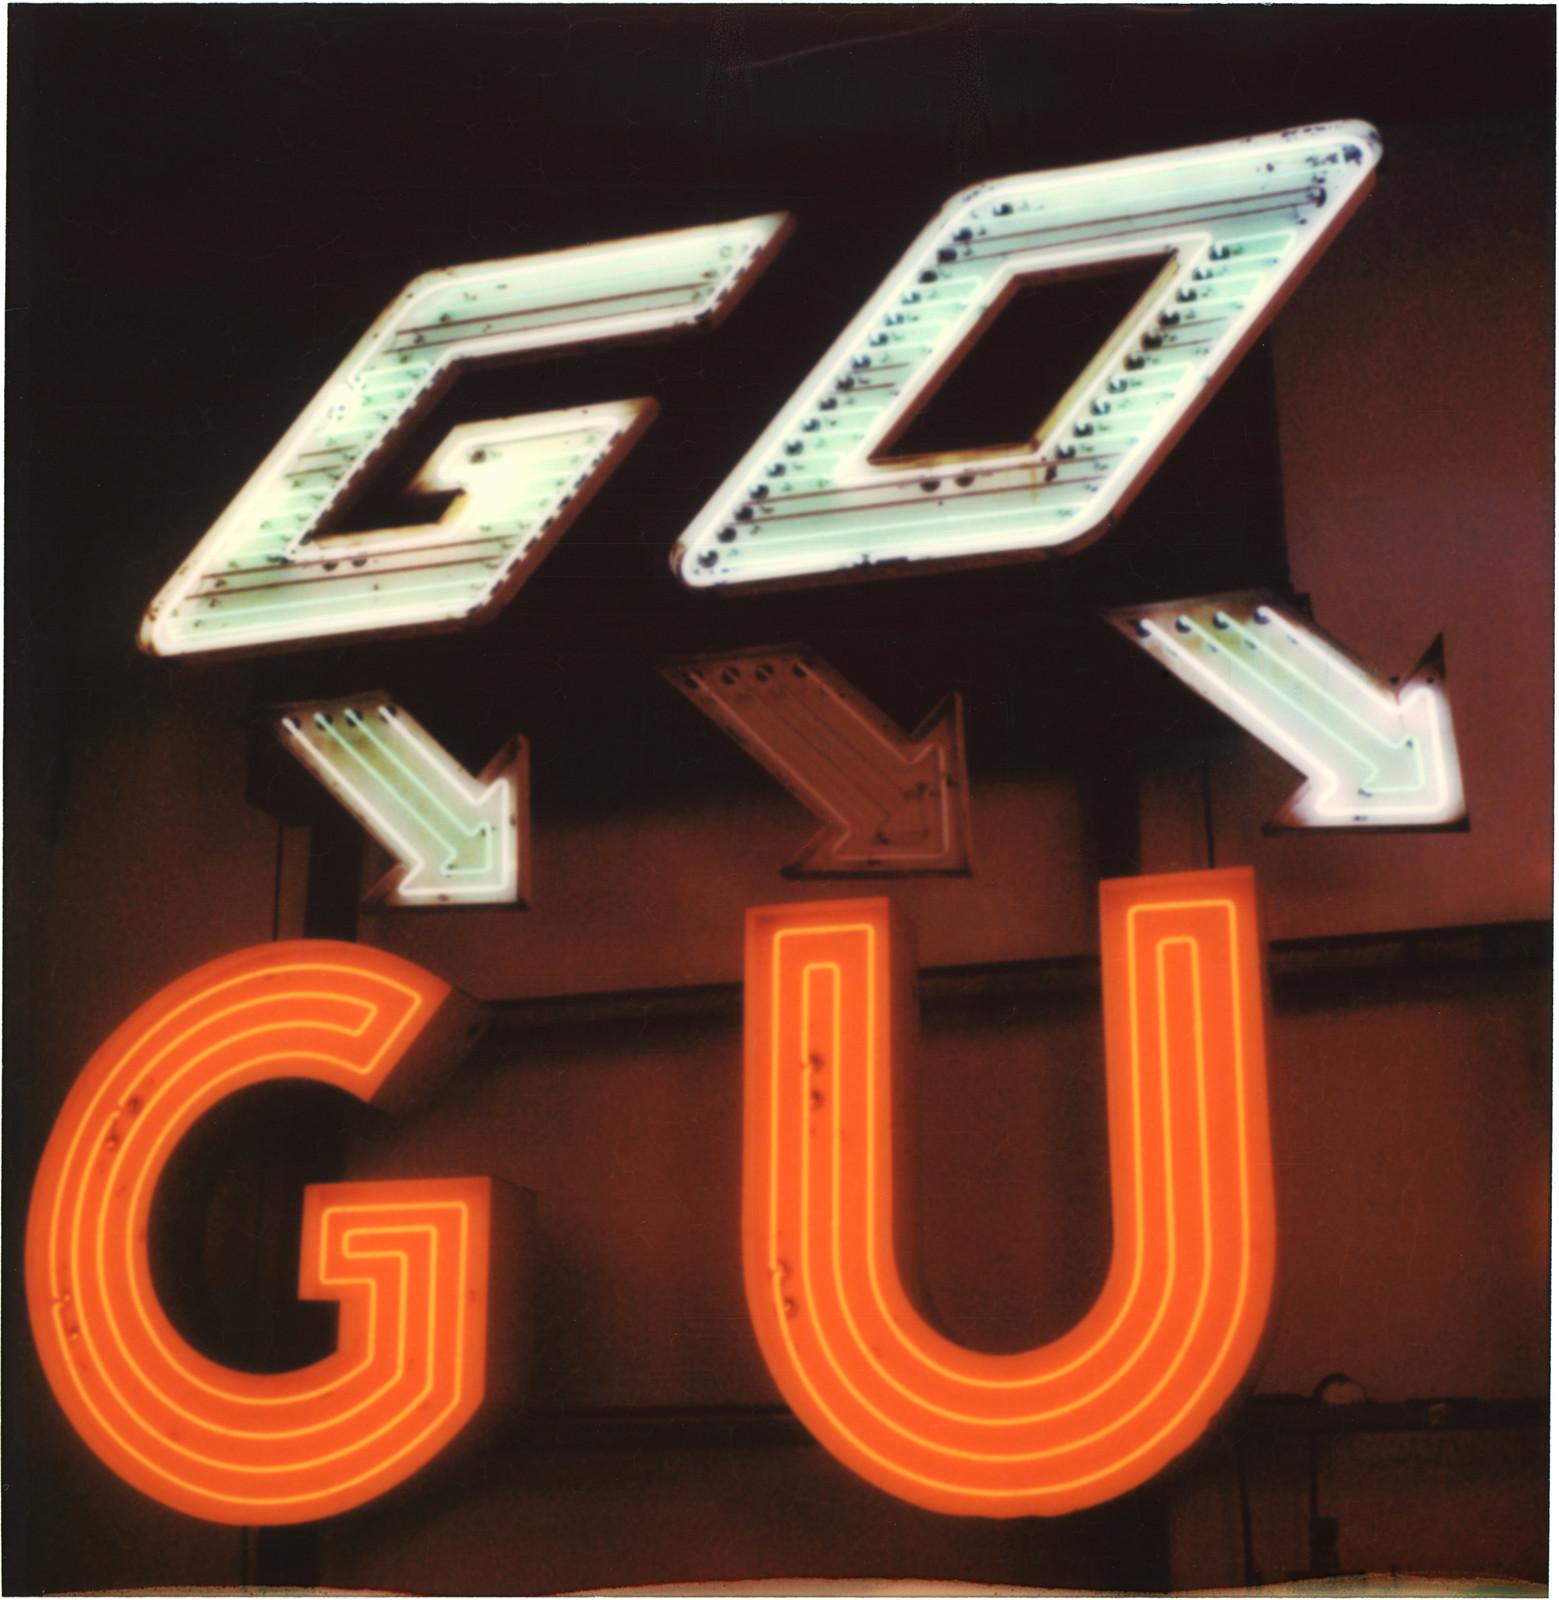 GO -> GU